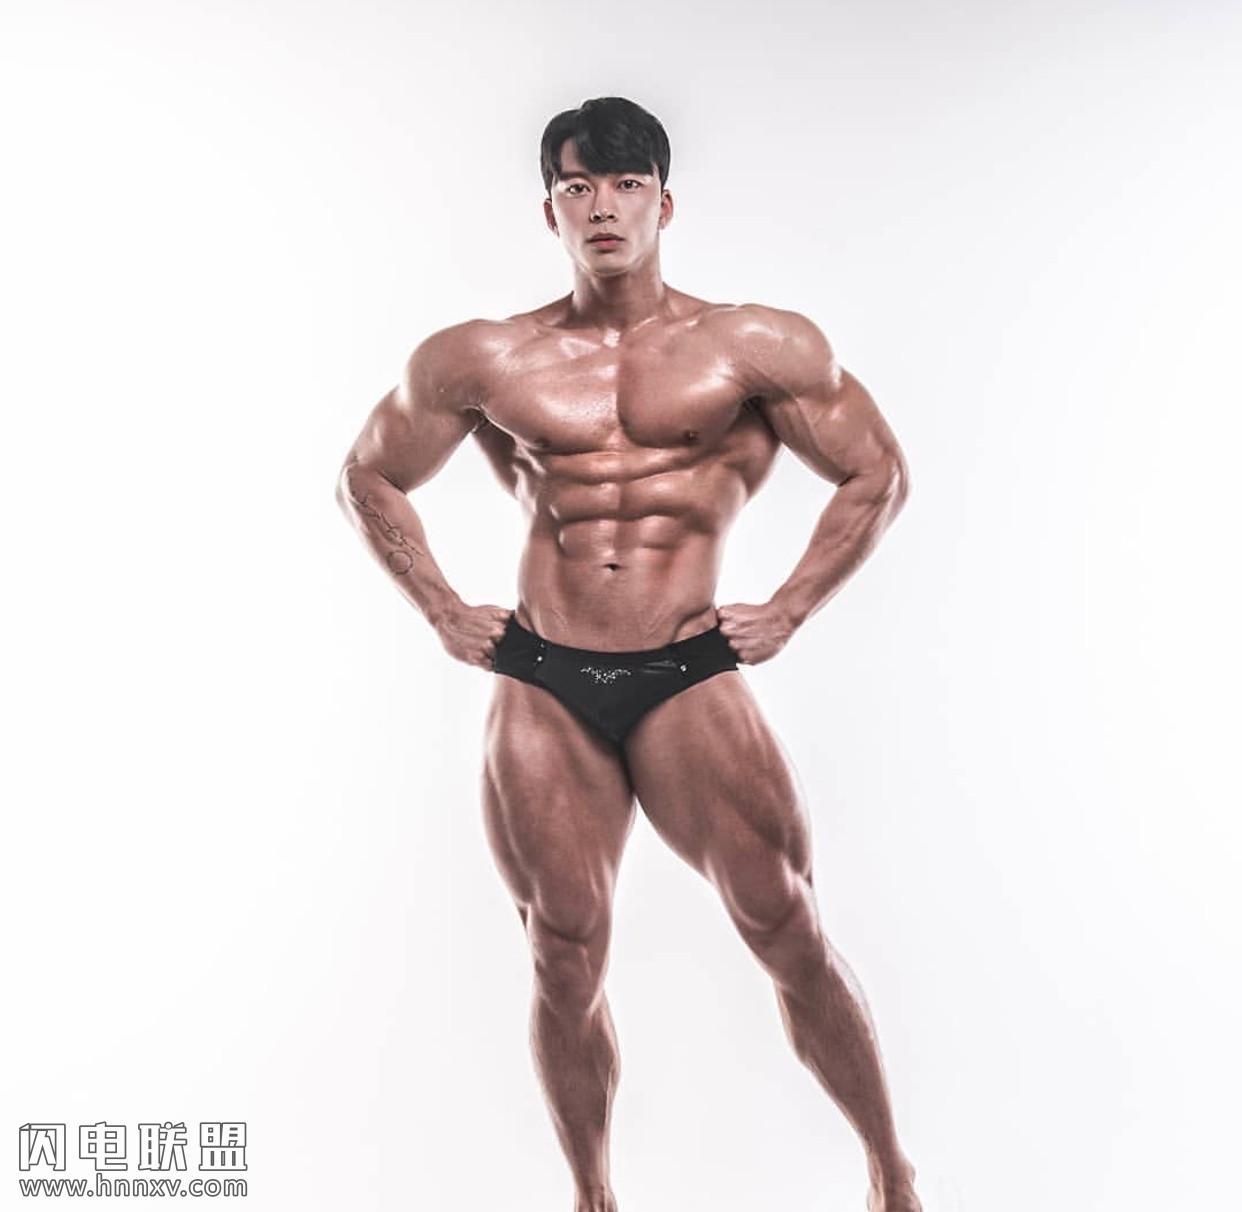 高颜值肌肉男帅哥性感摄影照片